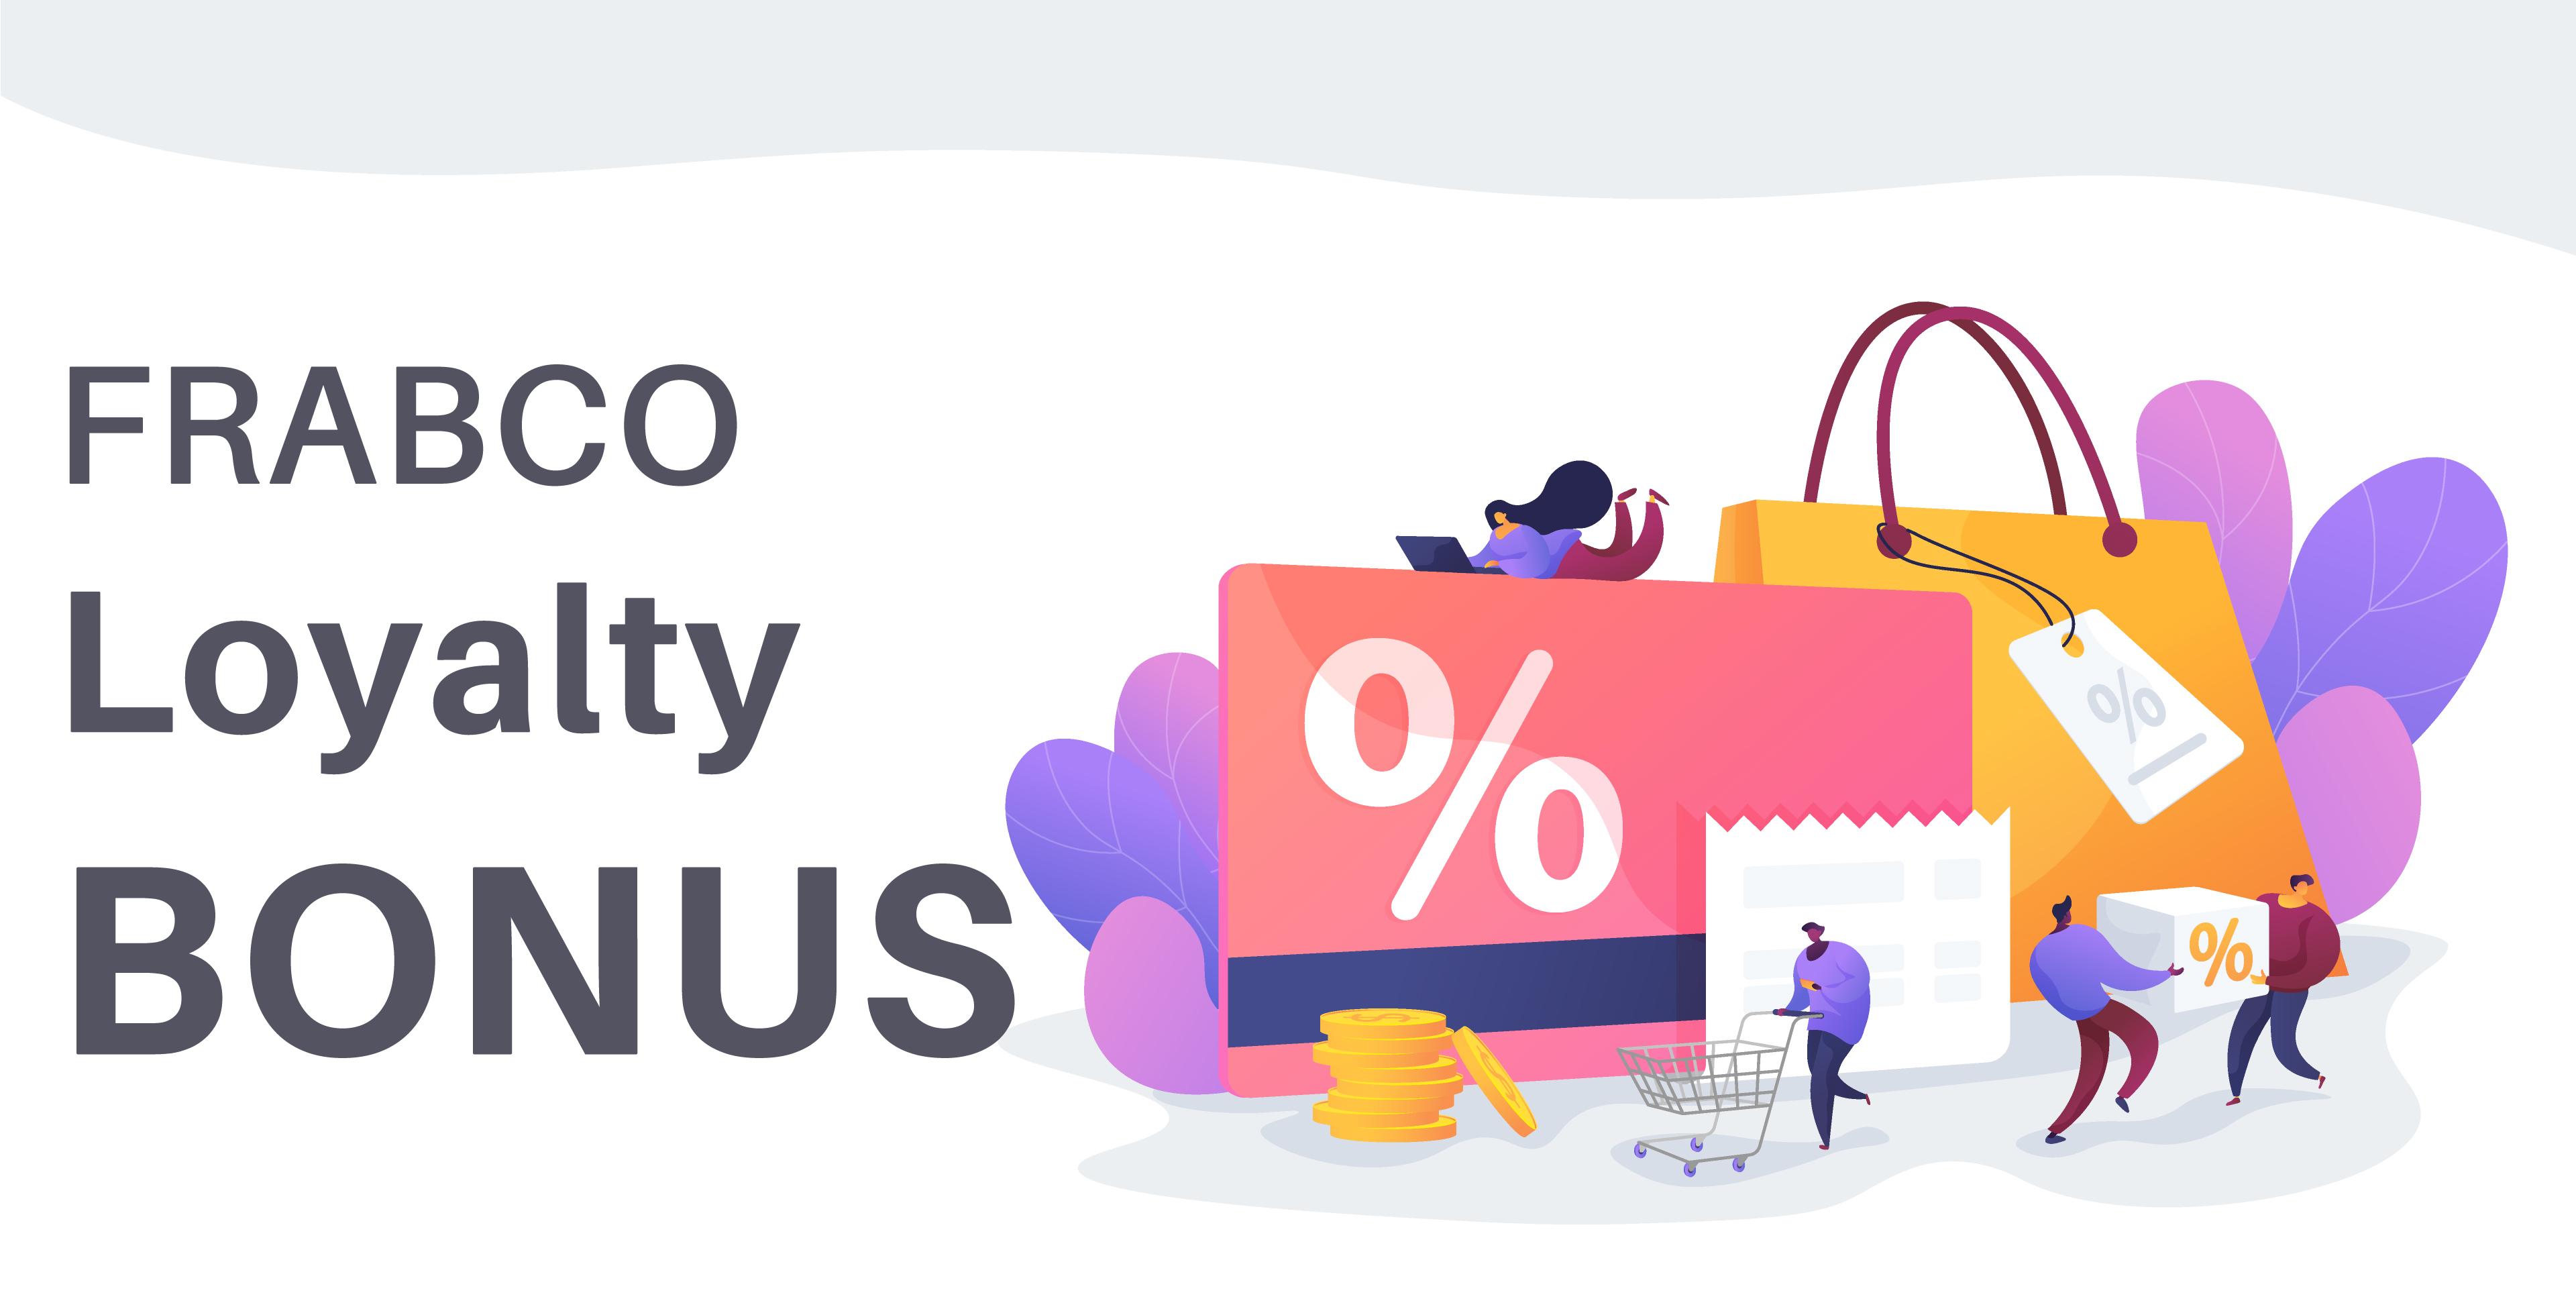 frabco loyalty bonus